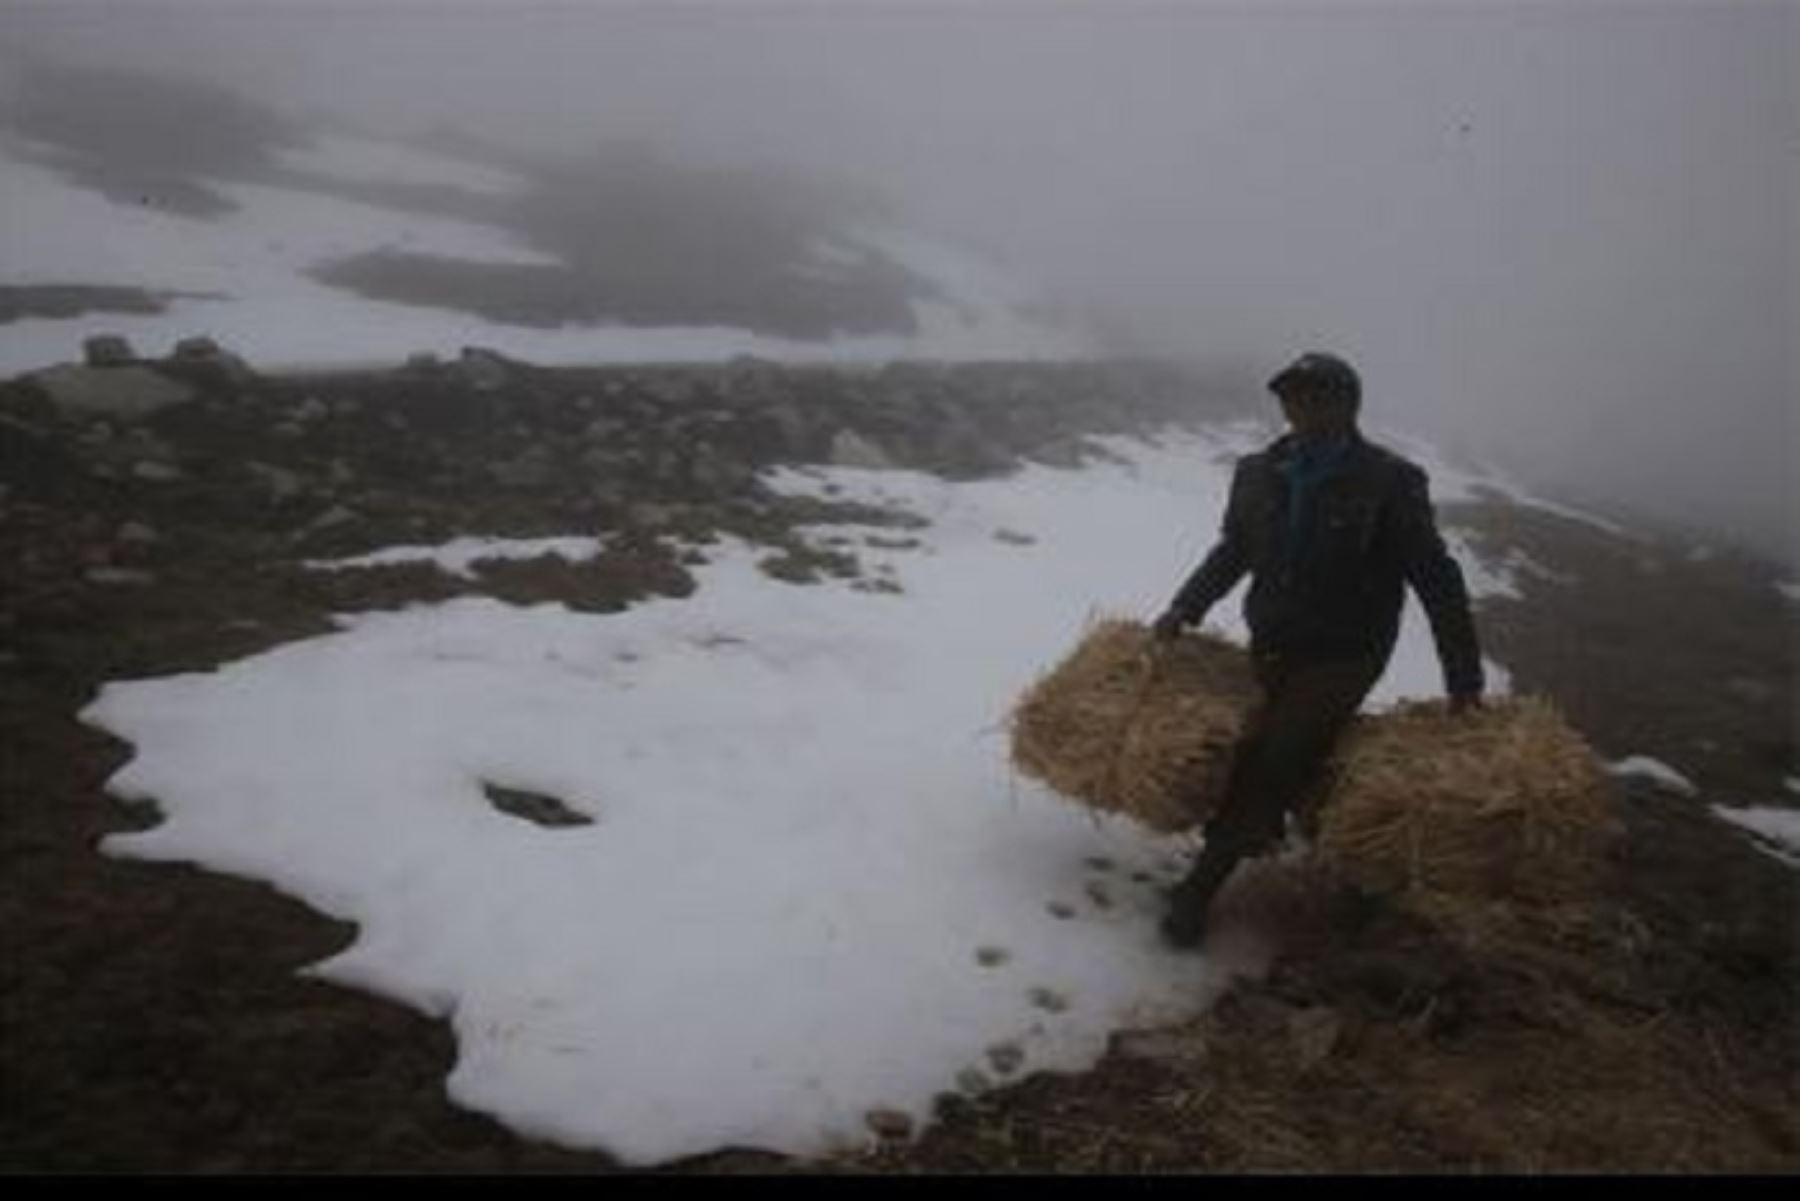 La temperatura más baja en lo que va de la temporada de invierno y de todo el año se presentó en el distrito de Tarata, provincia del mismo nombre, región Tacna, al alcanzar -20 grados Celsius en la estación Tarata.ANDINA/Difusión